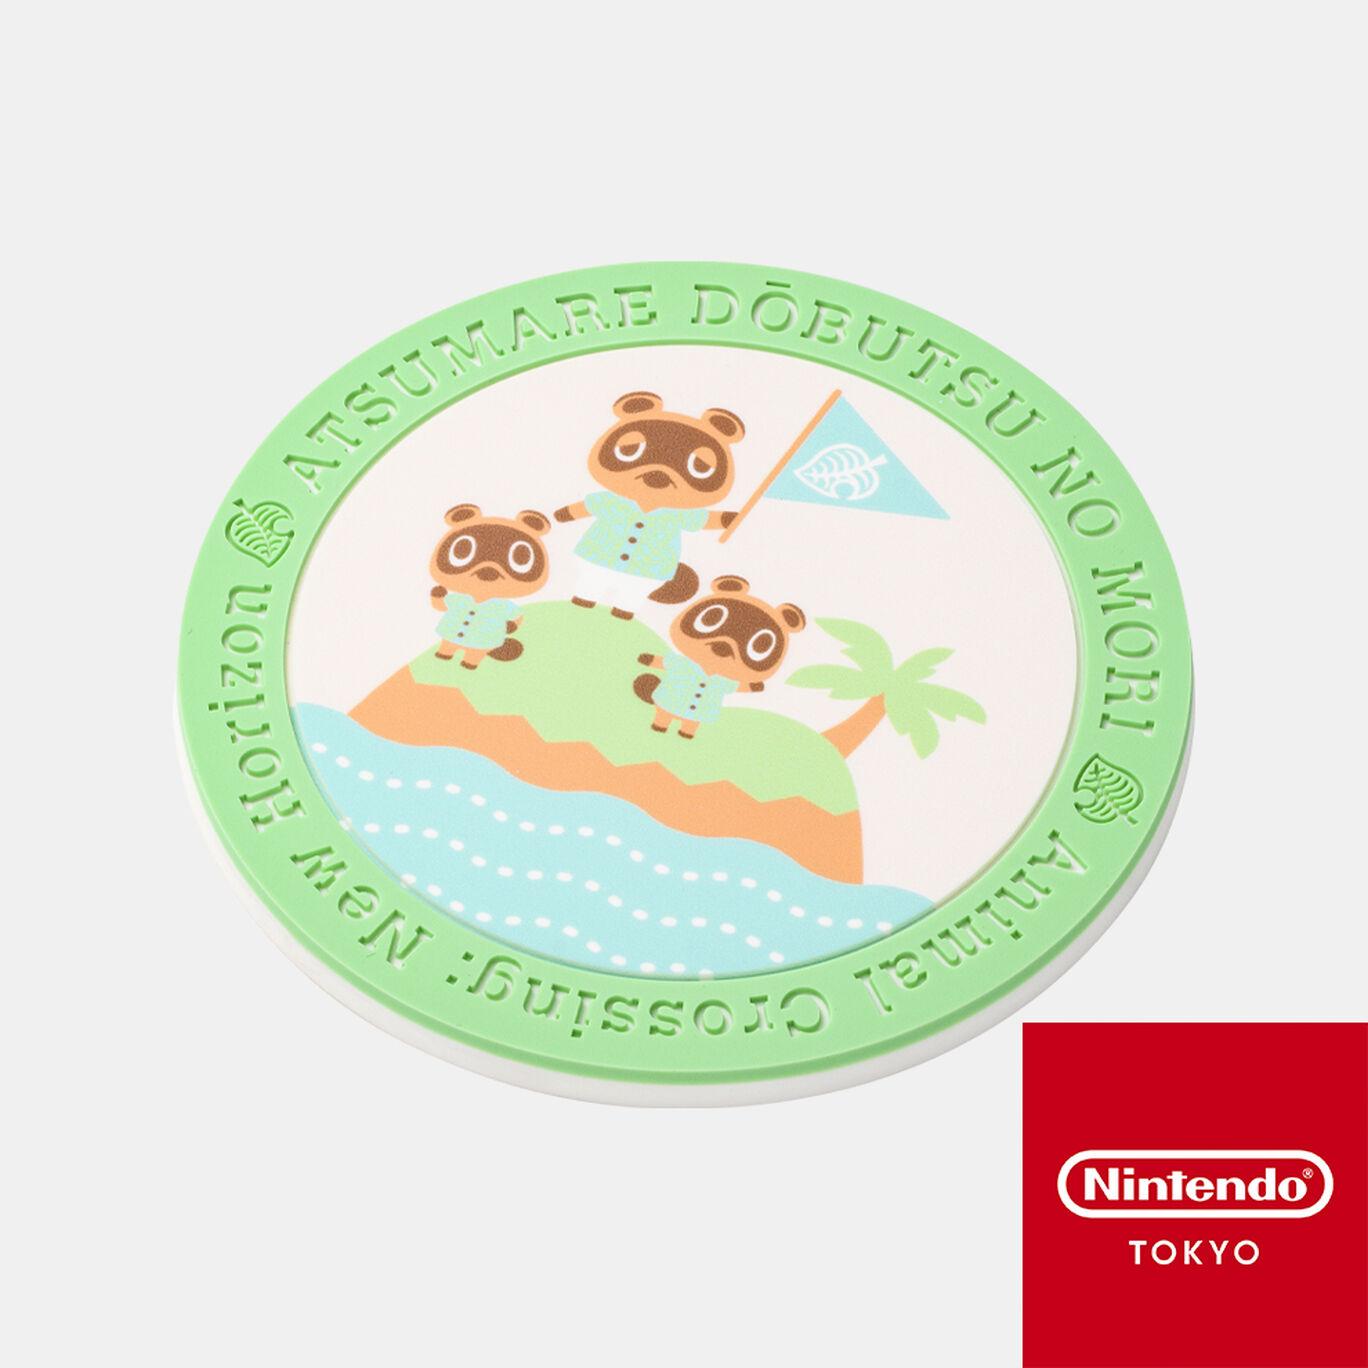 ラバーコースター あつまれ どうぶつの森【Nintendo TOKYO取り扱い商品】